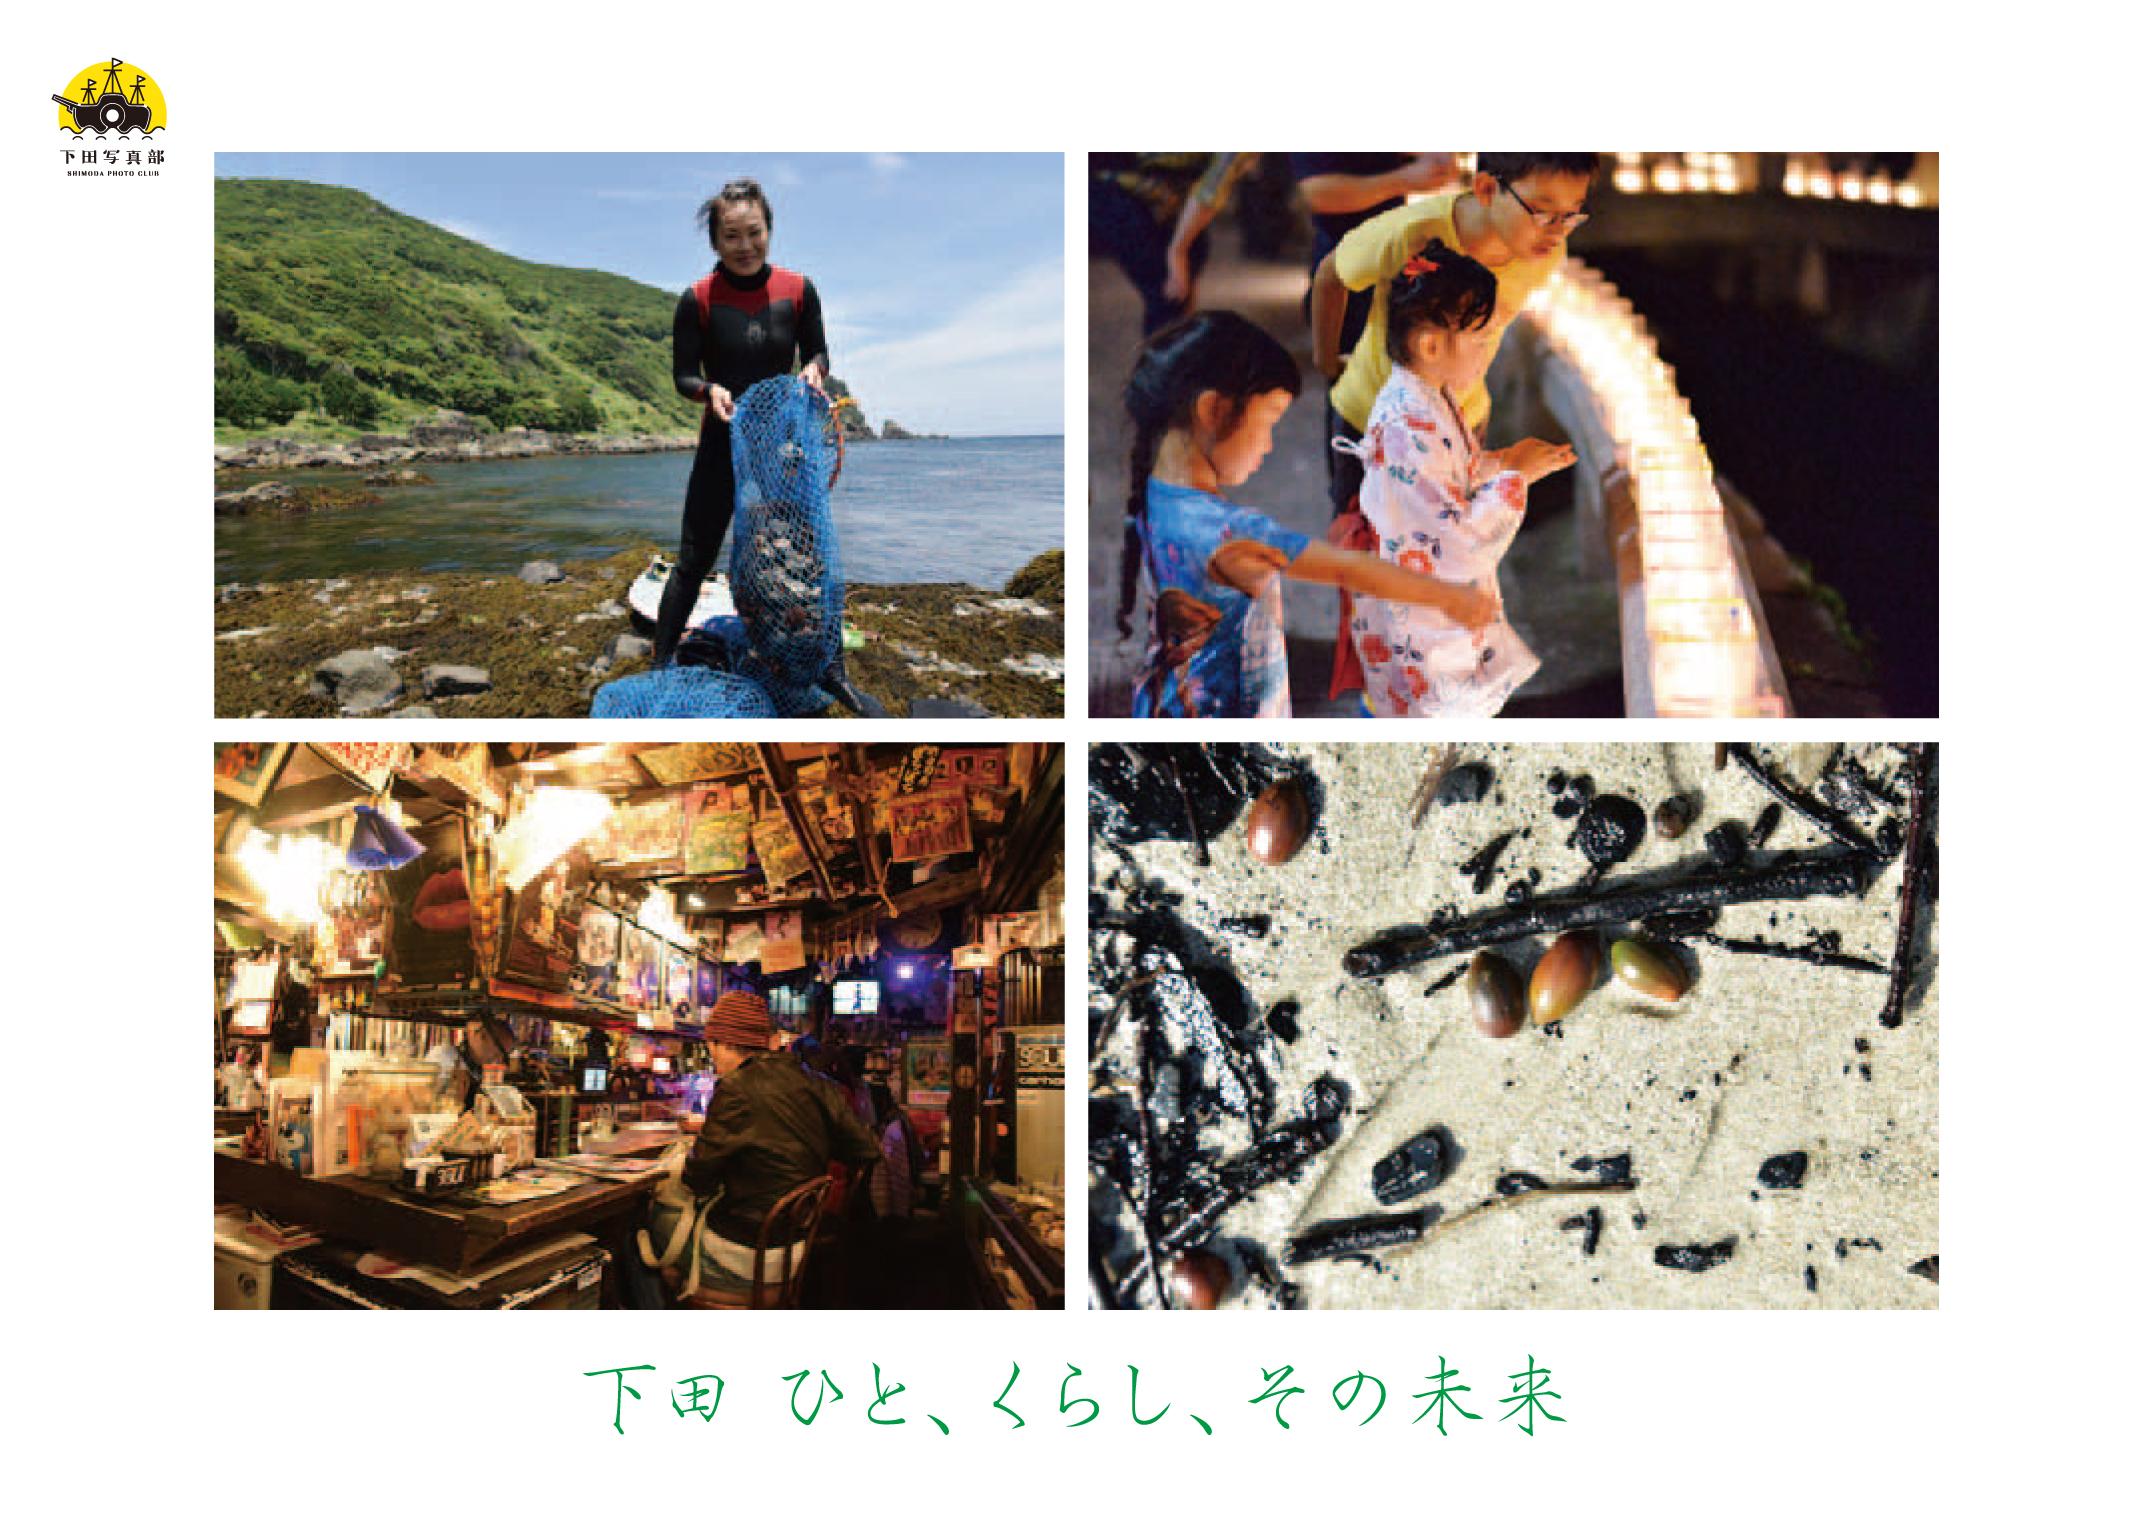 地元に住むからこそ撮れる「日常のくらし」の風景がある 下田写真部 写真展「下田 ひと、くらし、その未来」